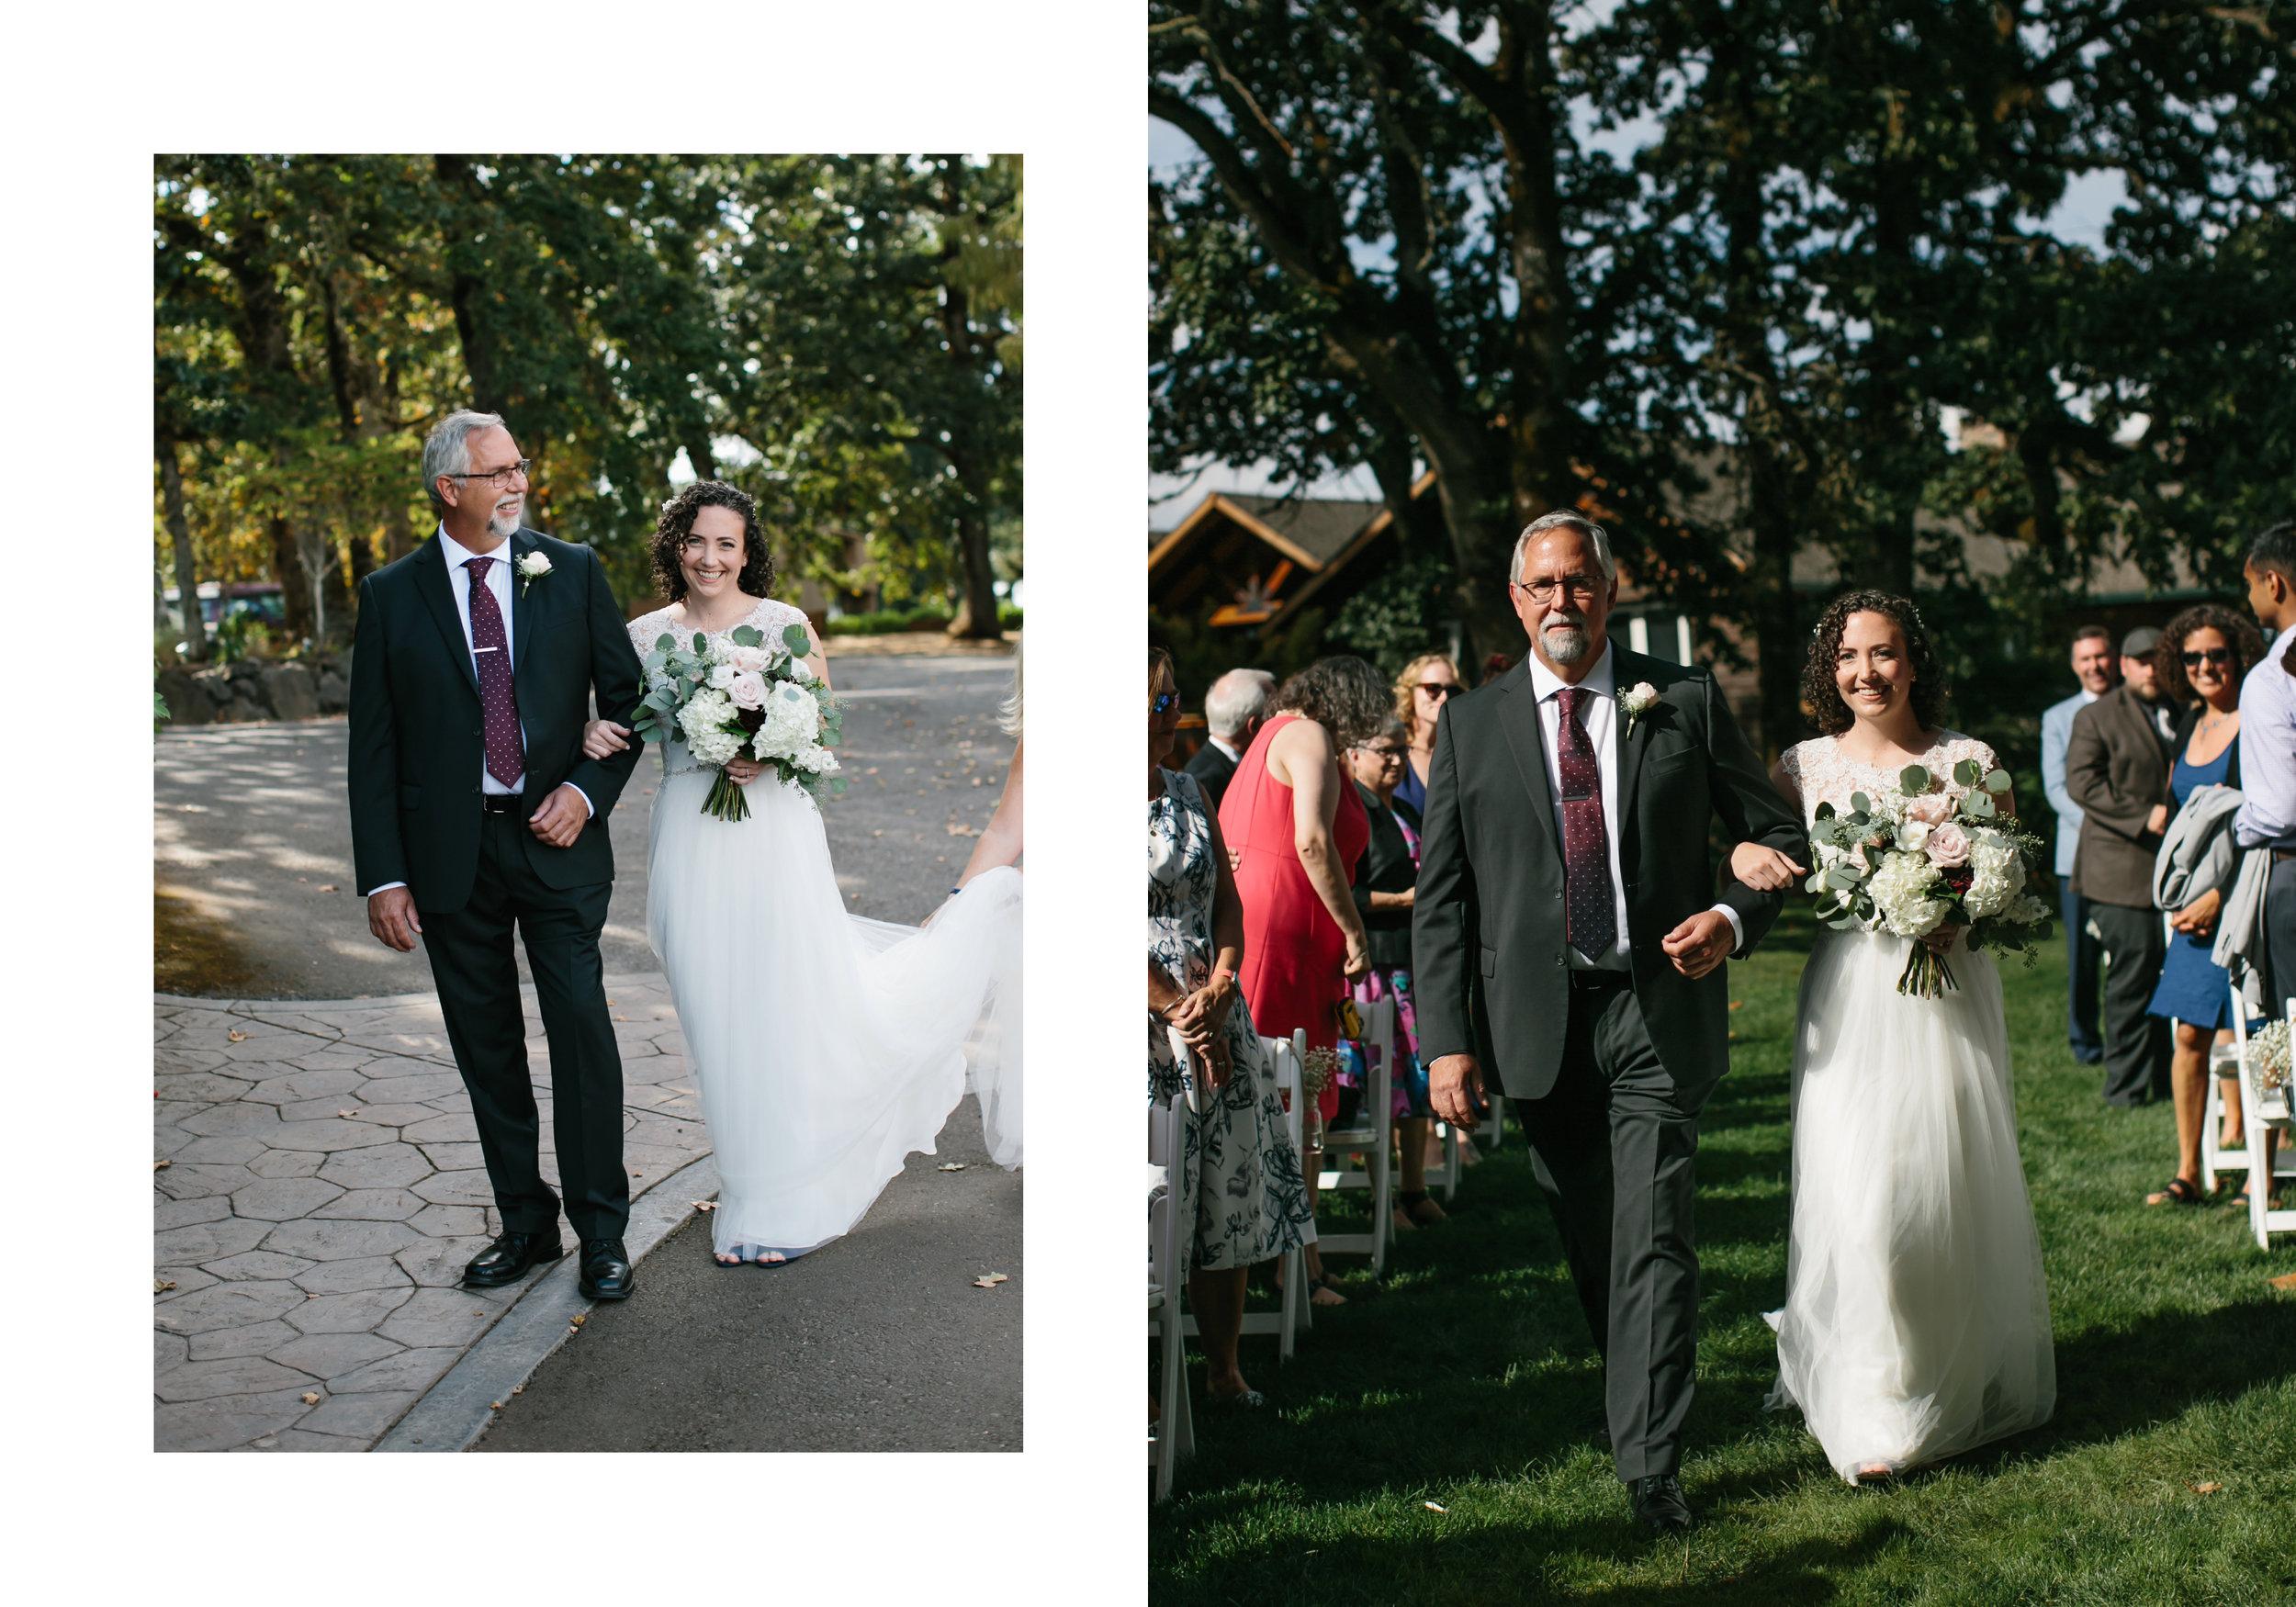 scholls-valley-lodge-wedding-photographer-ashley-courter0012.JPG